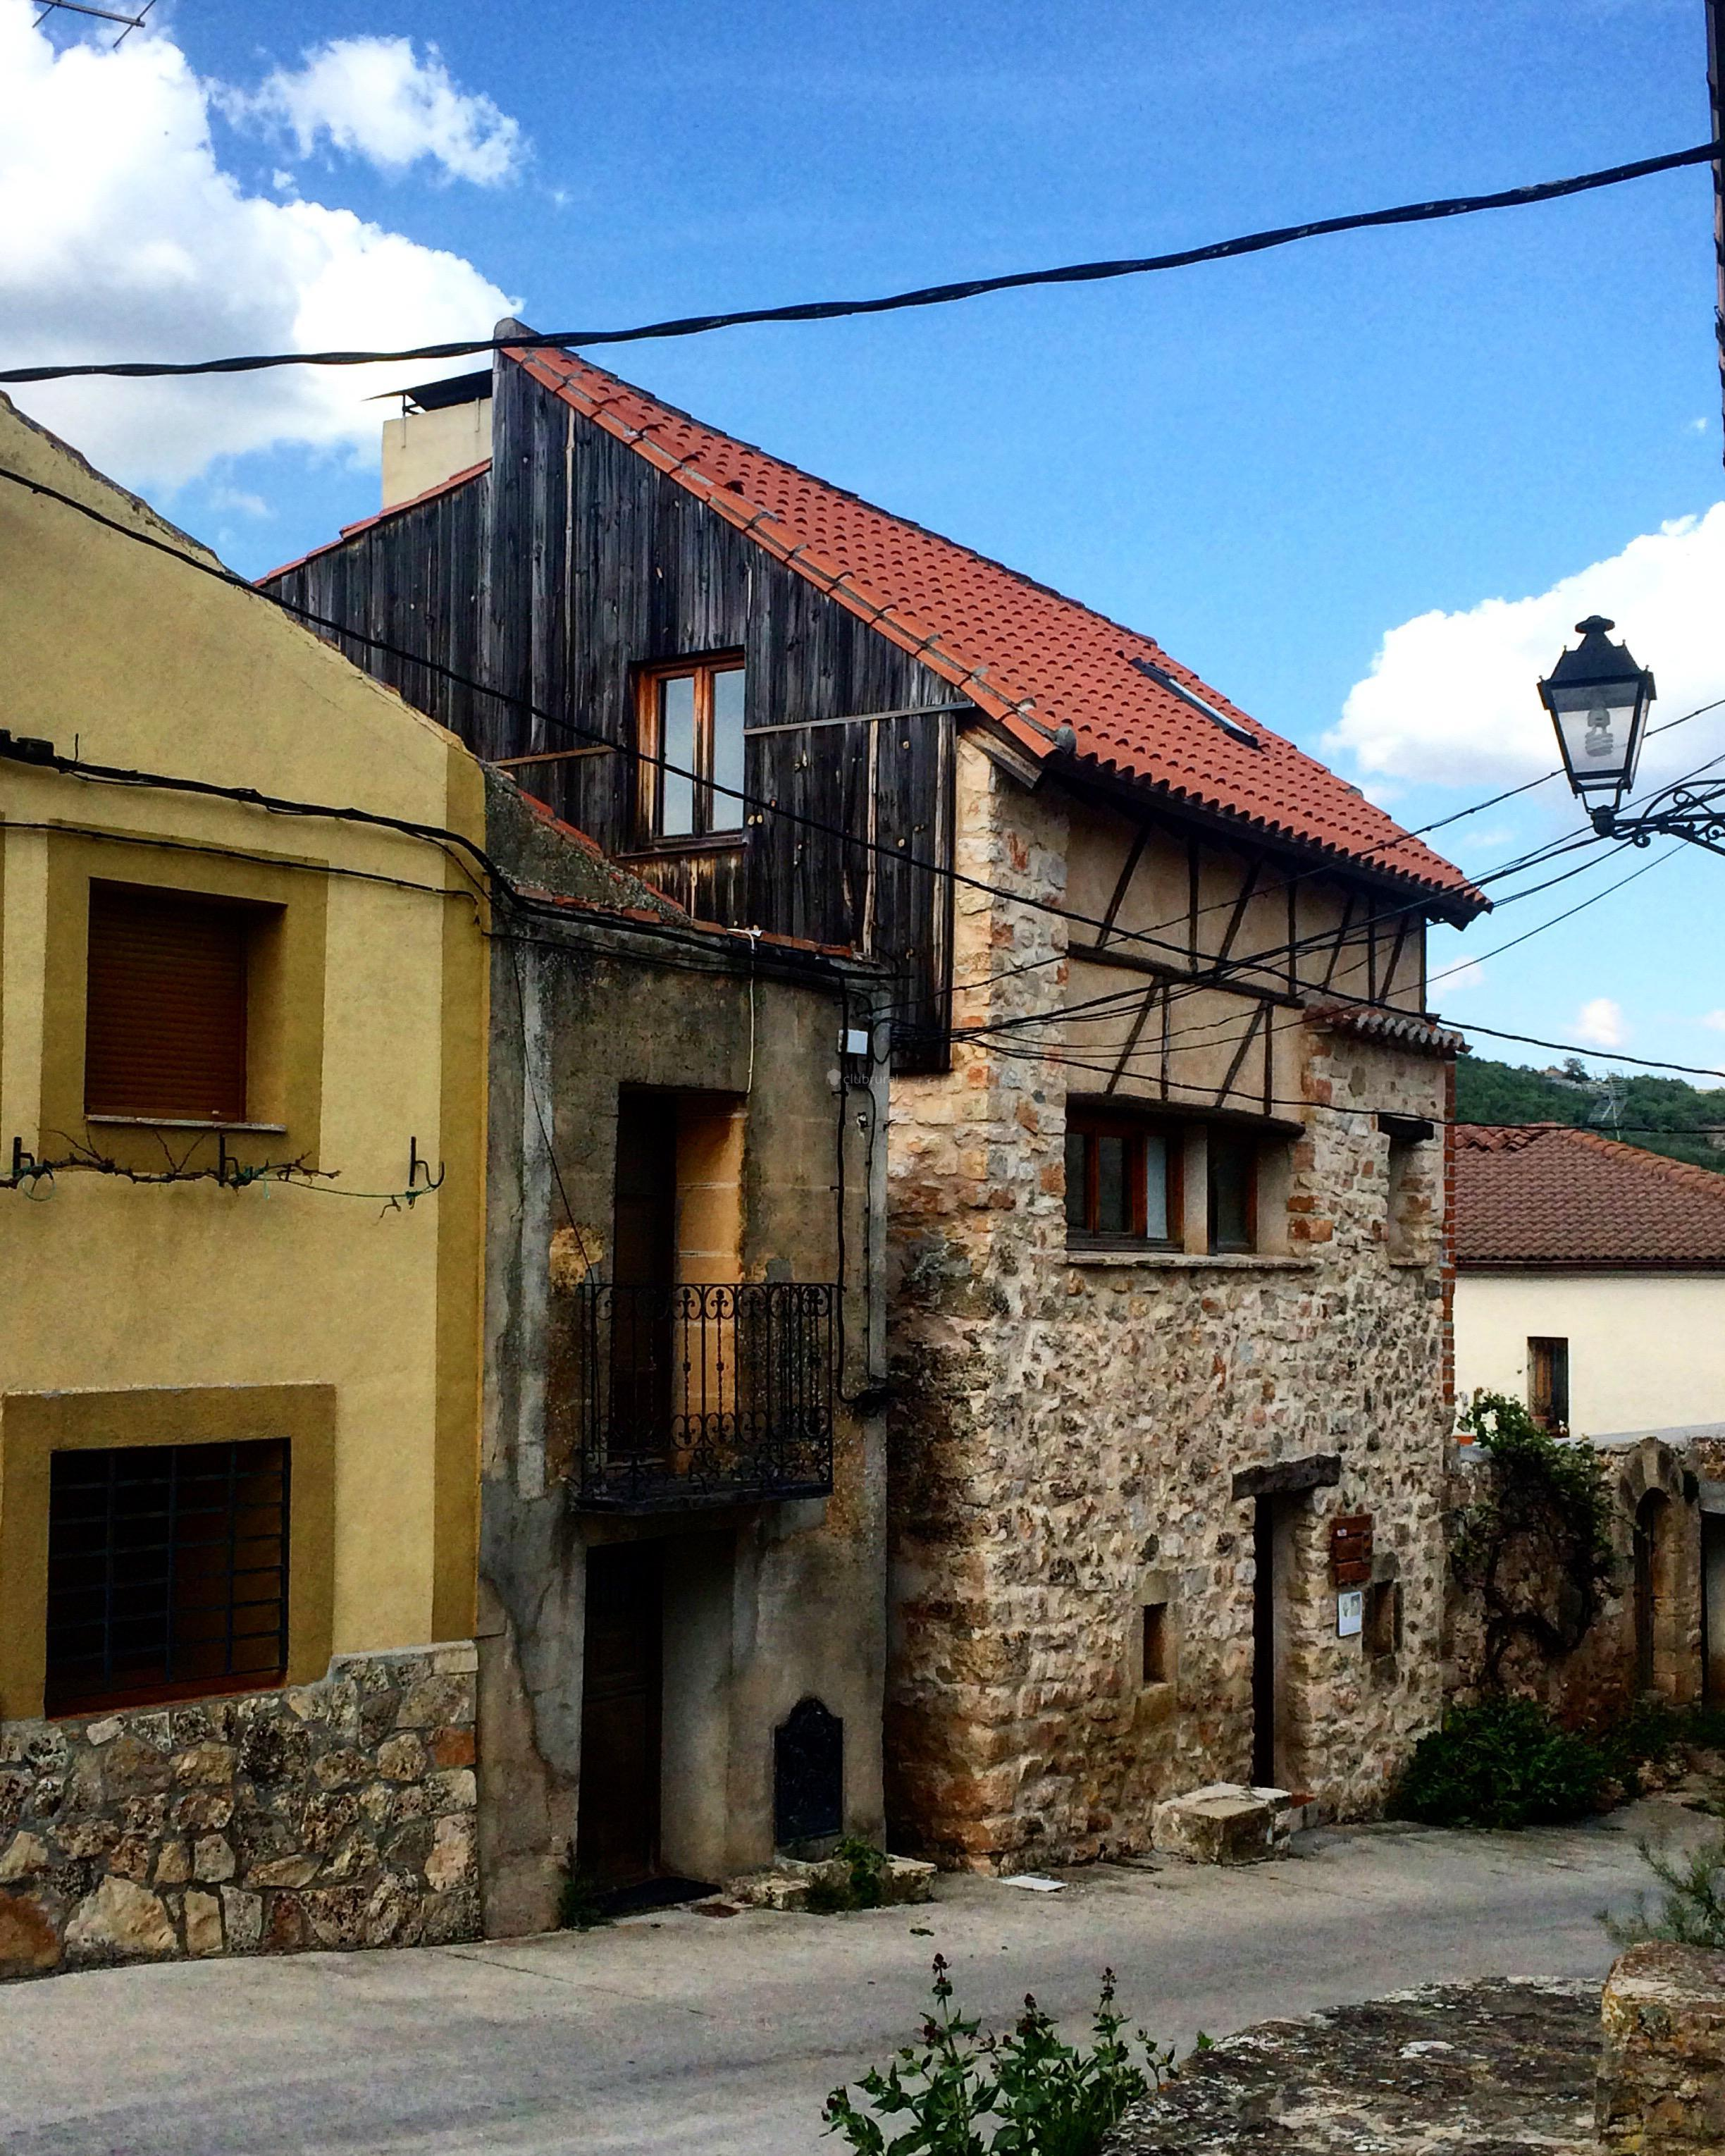 Fotos de casa rural caballito de madera guadalajara - Casa rural de madera ...